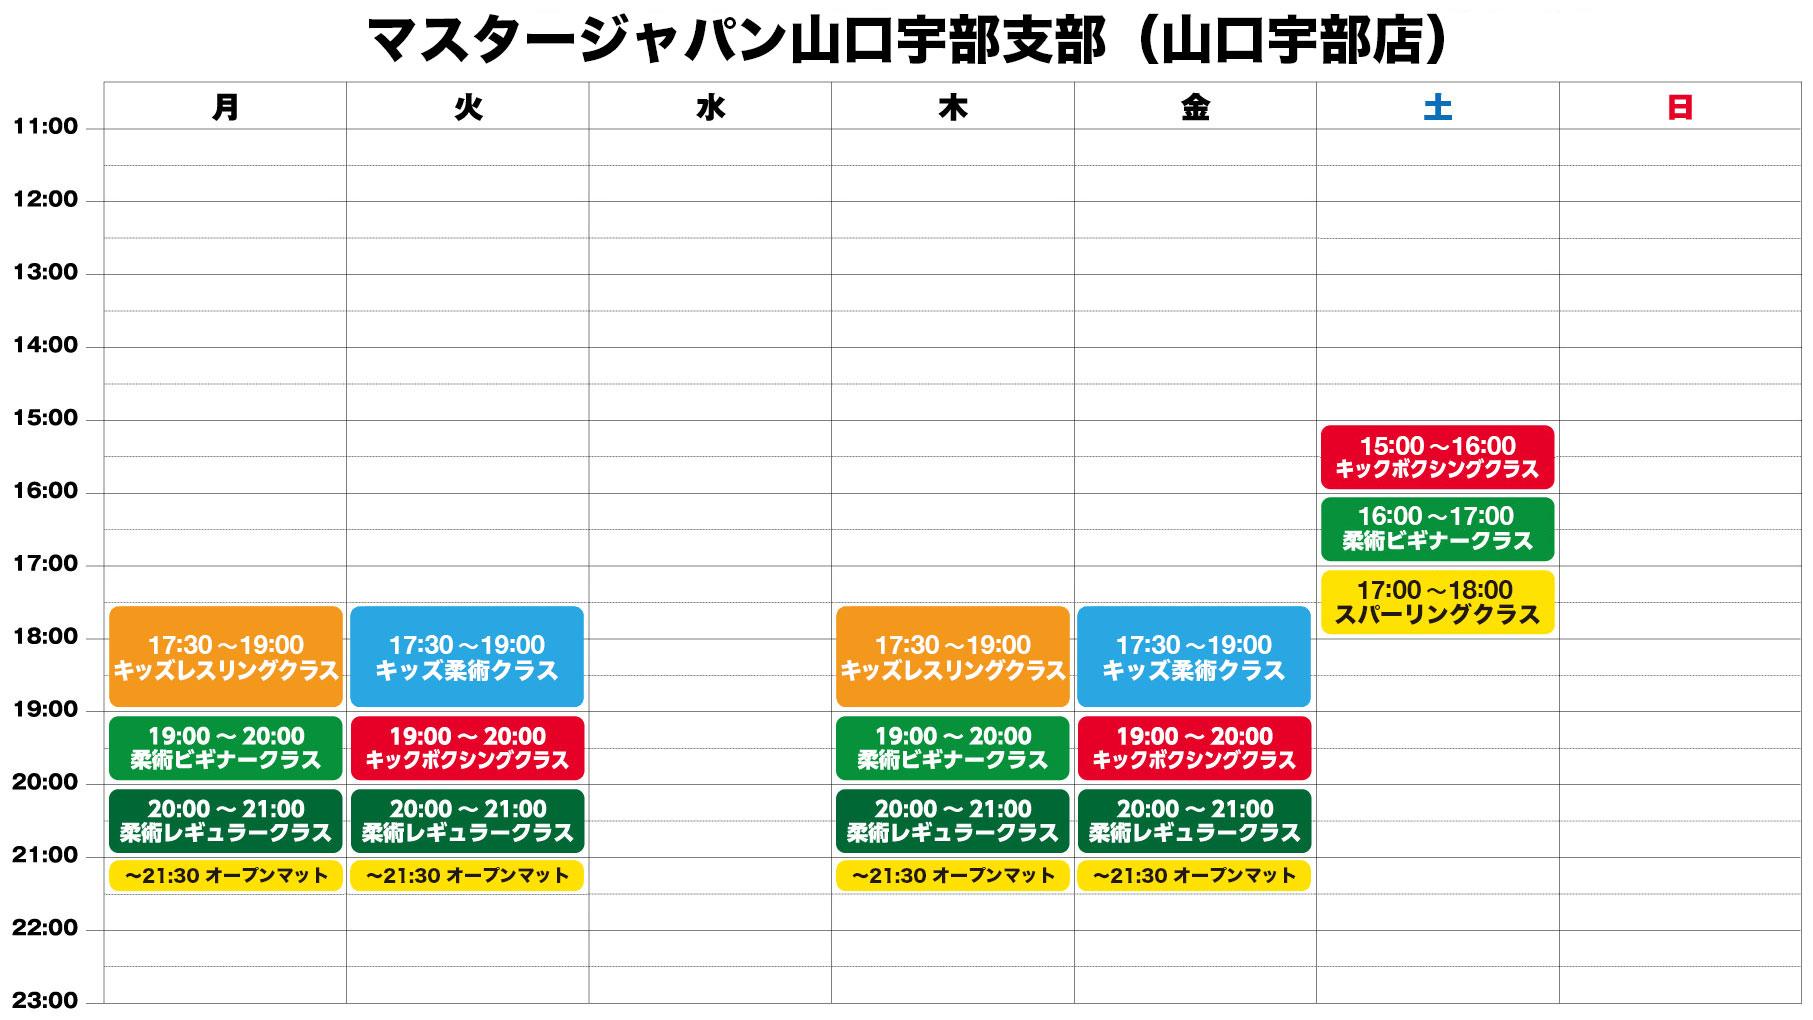 マスタージャパン山口宇部支部スケジュール表